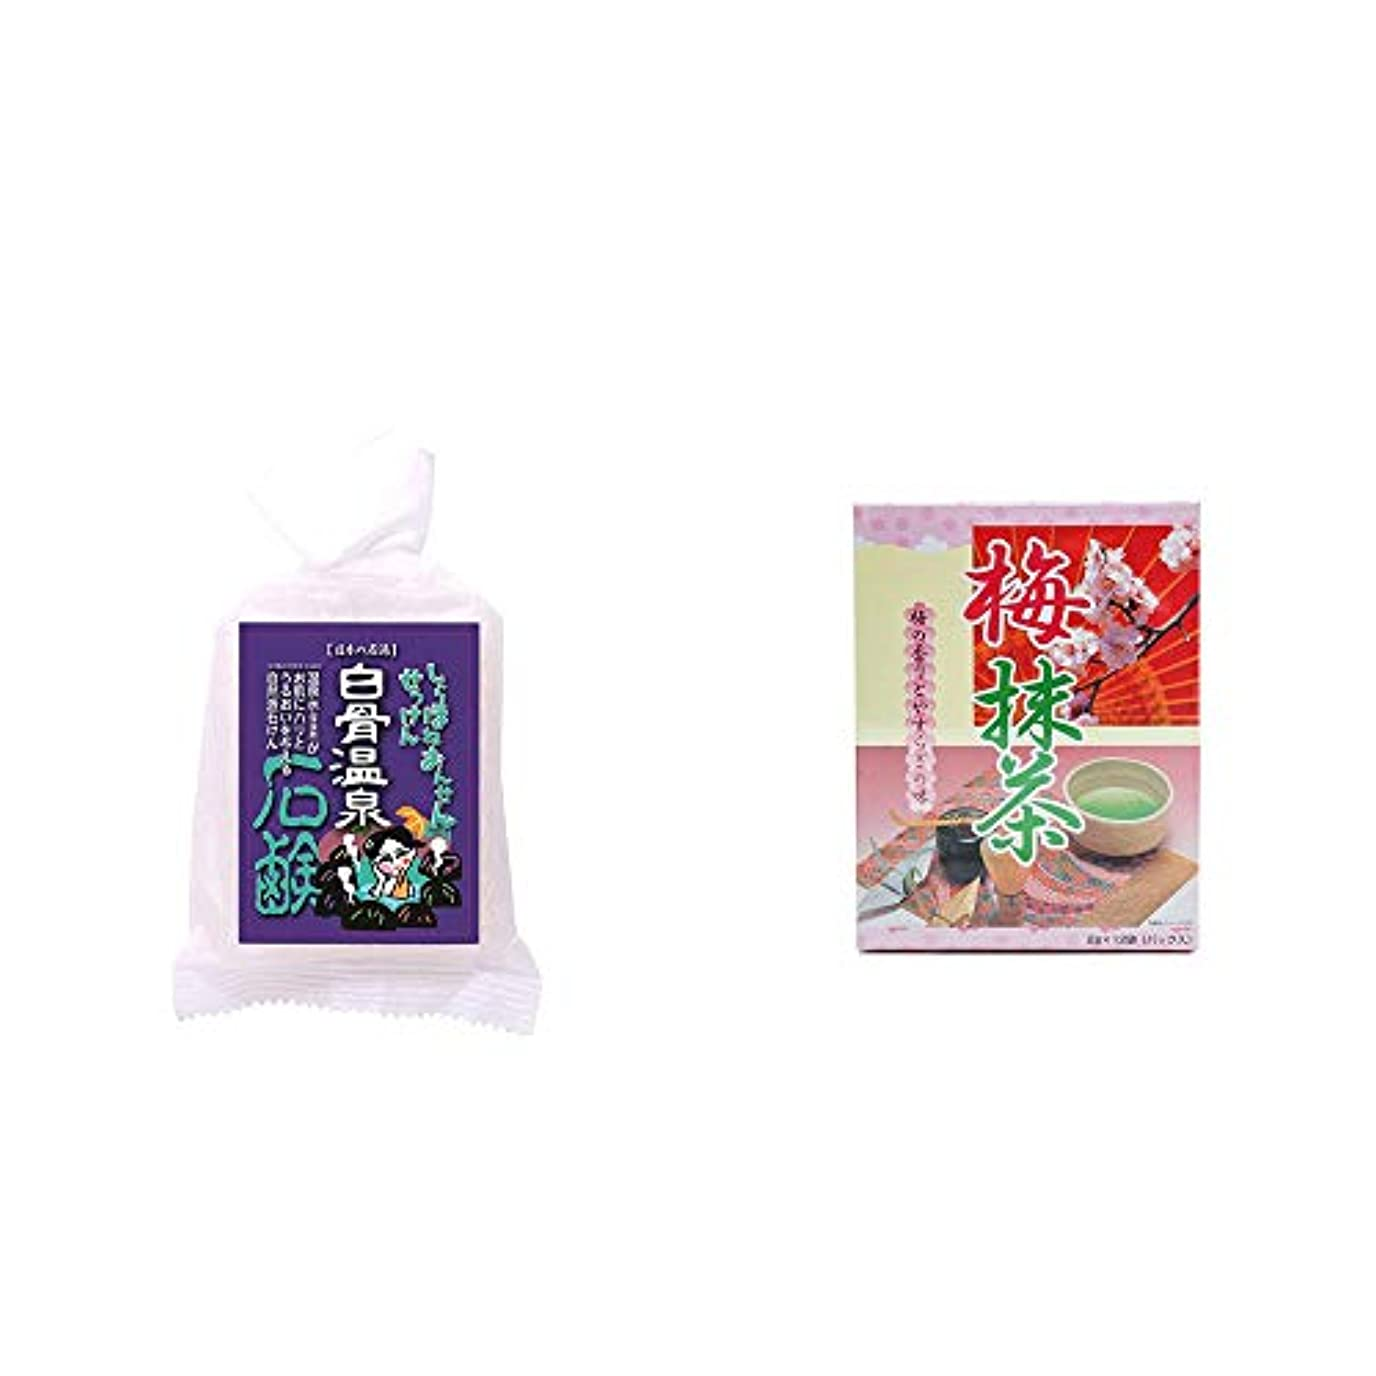 流出バッフル原稿[2点セット] 信州 白骨温泉石鹸(80g)?梅抹茶[小](12袋)